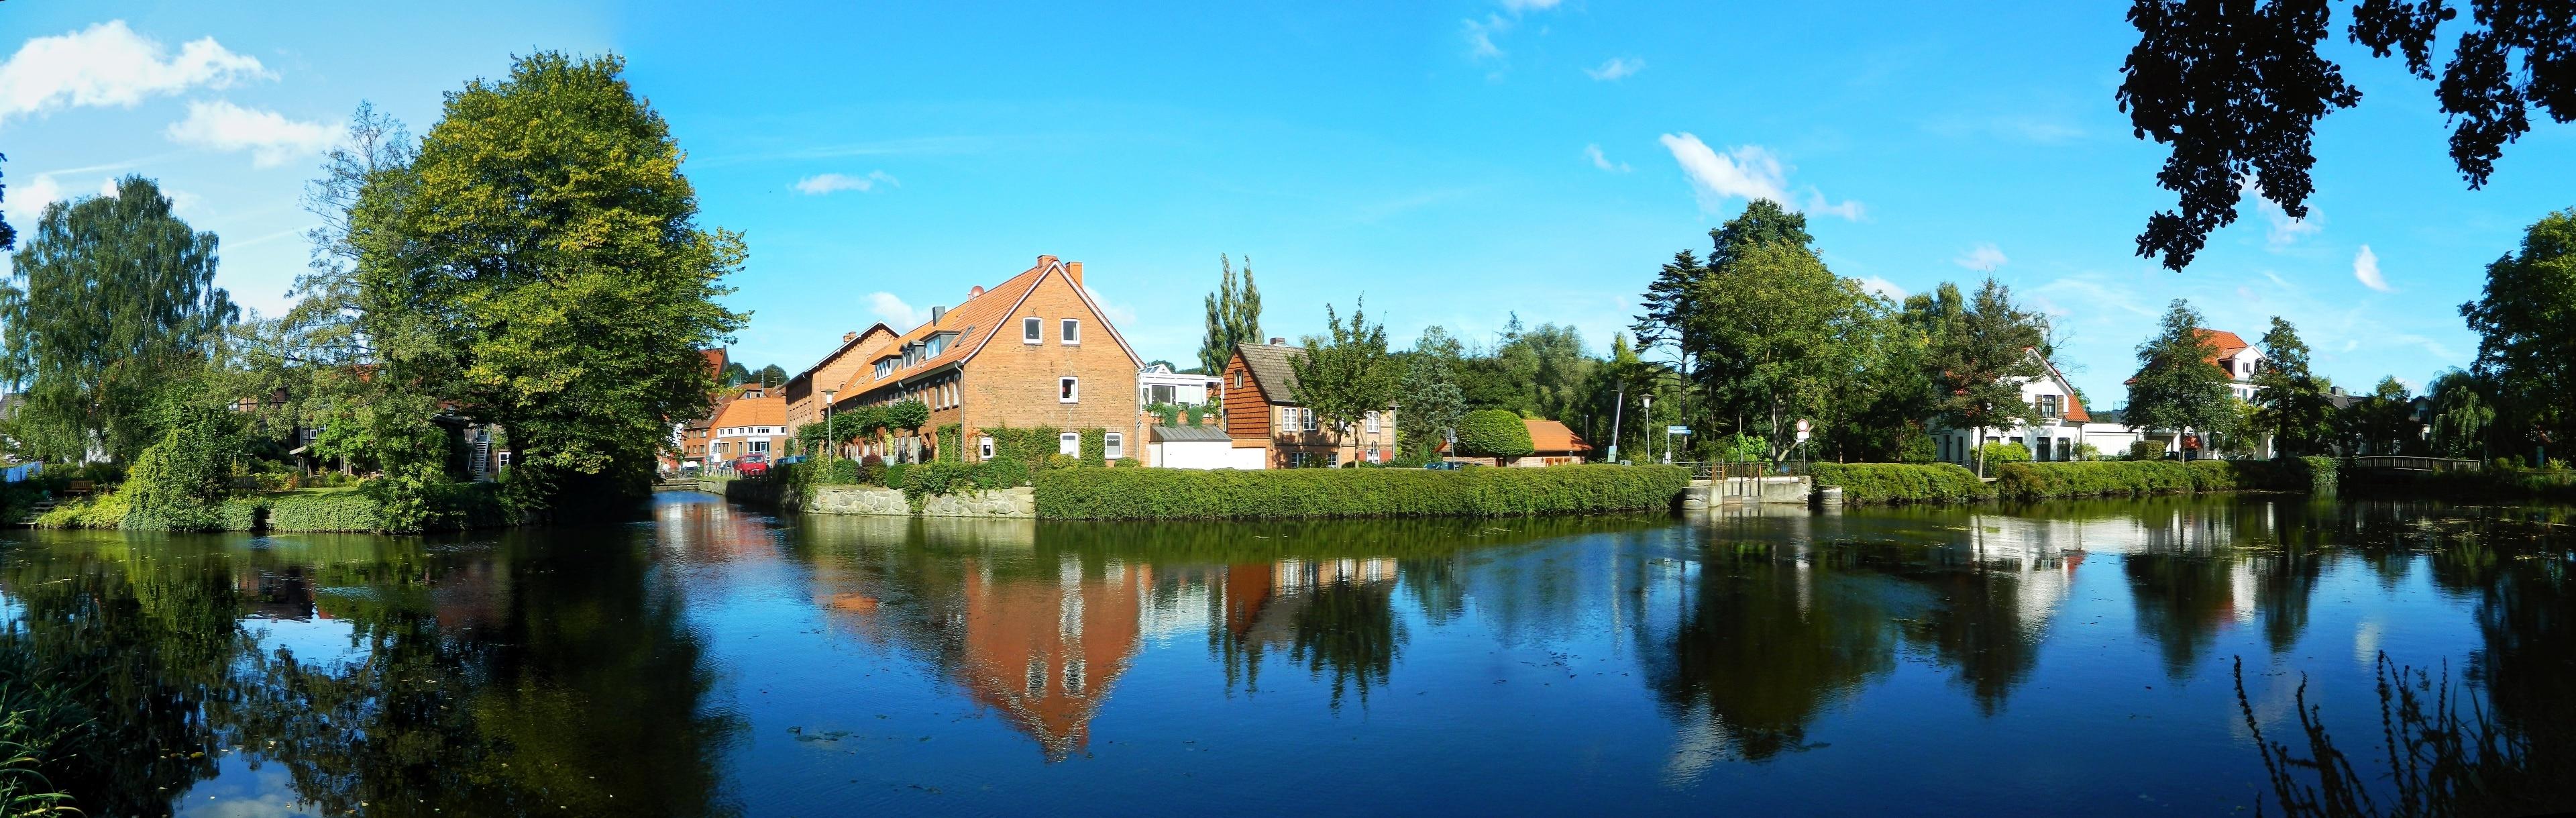 Mölln, Schleswig-Holstein, Deutschland